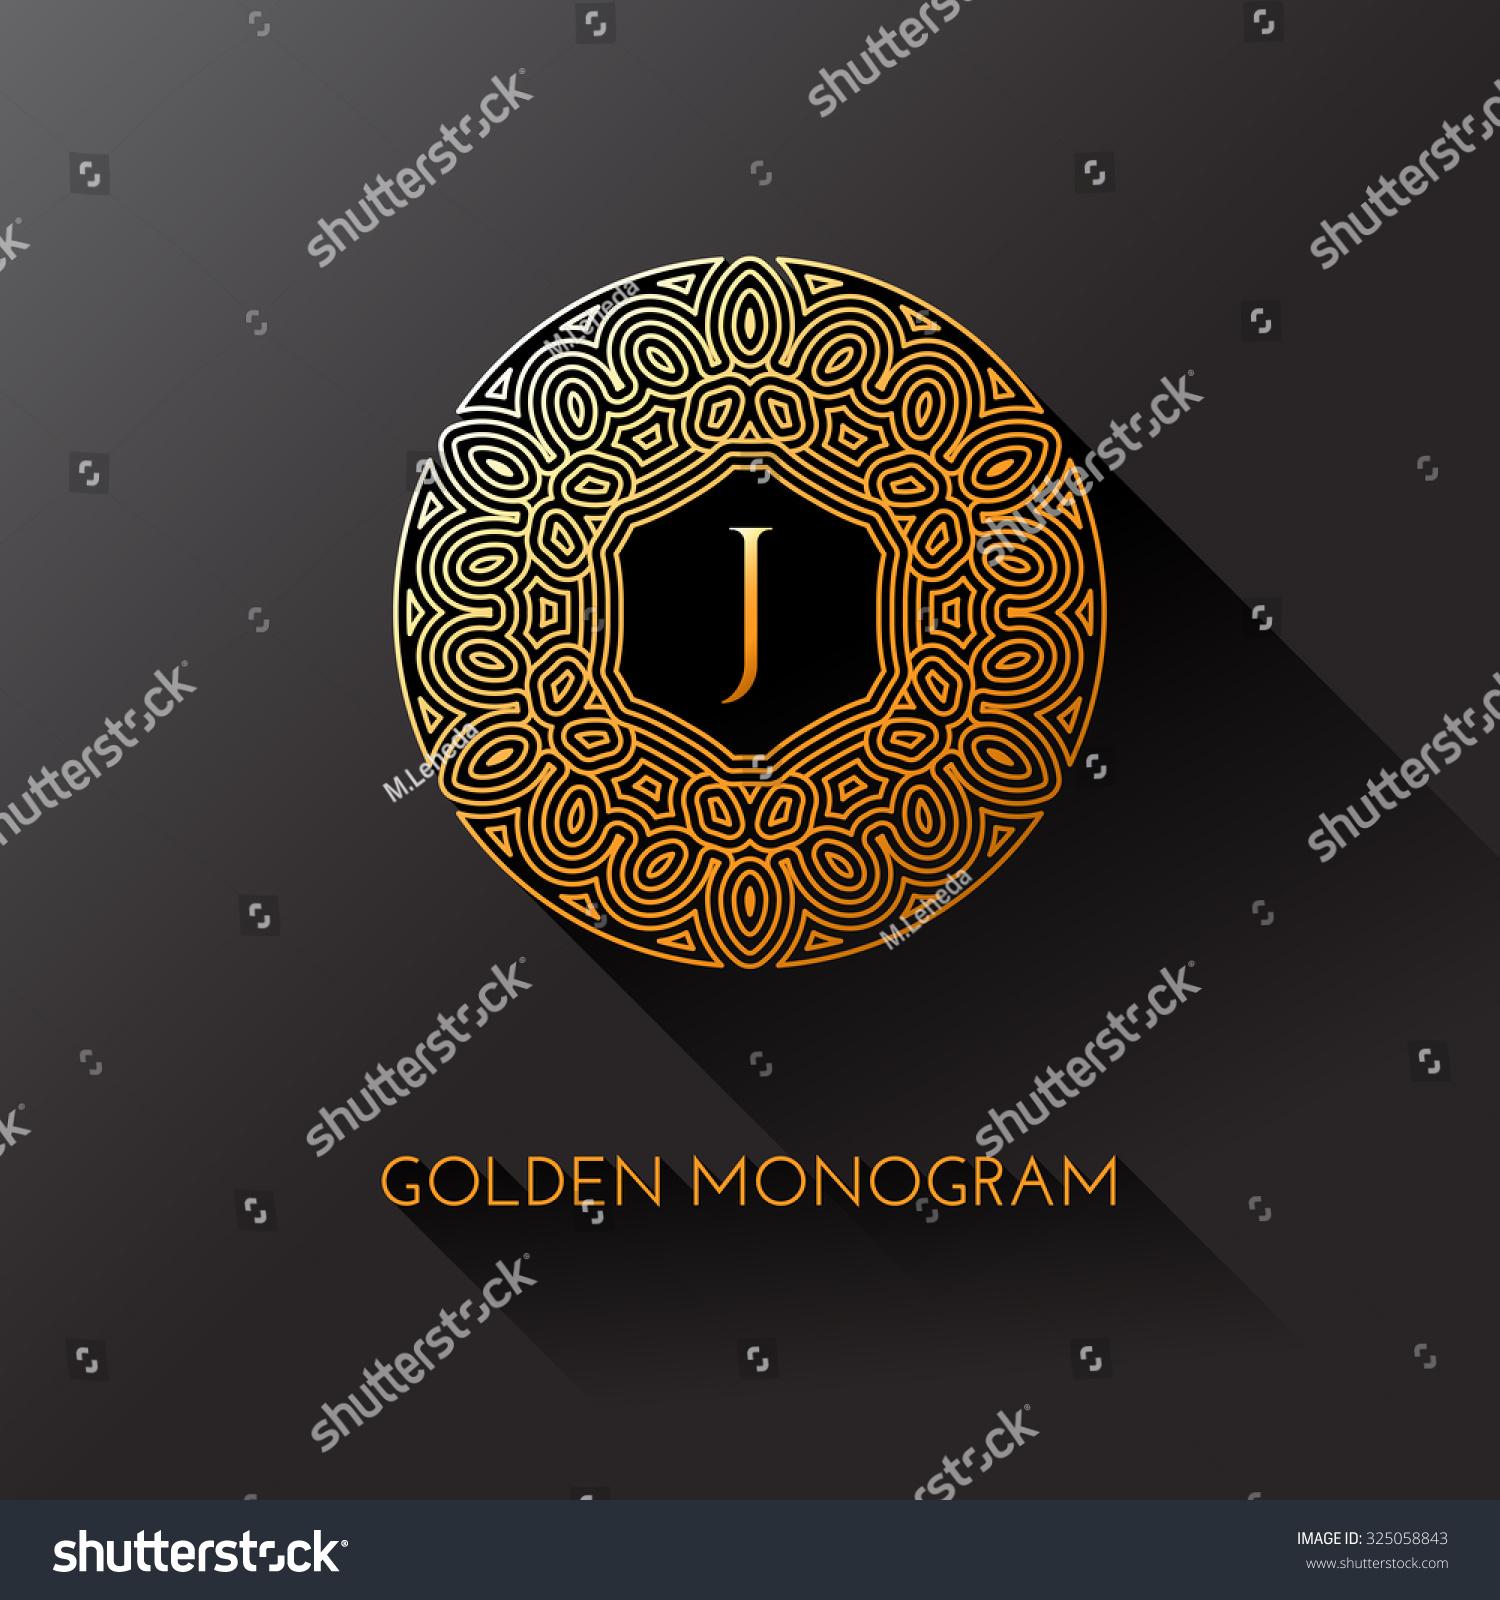 Tj initial luxury ornament monogram logo stock vector - Golden Elegant Monogram With Letter J Template Design For Monogram Label Logo